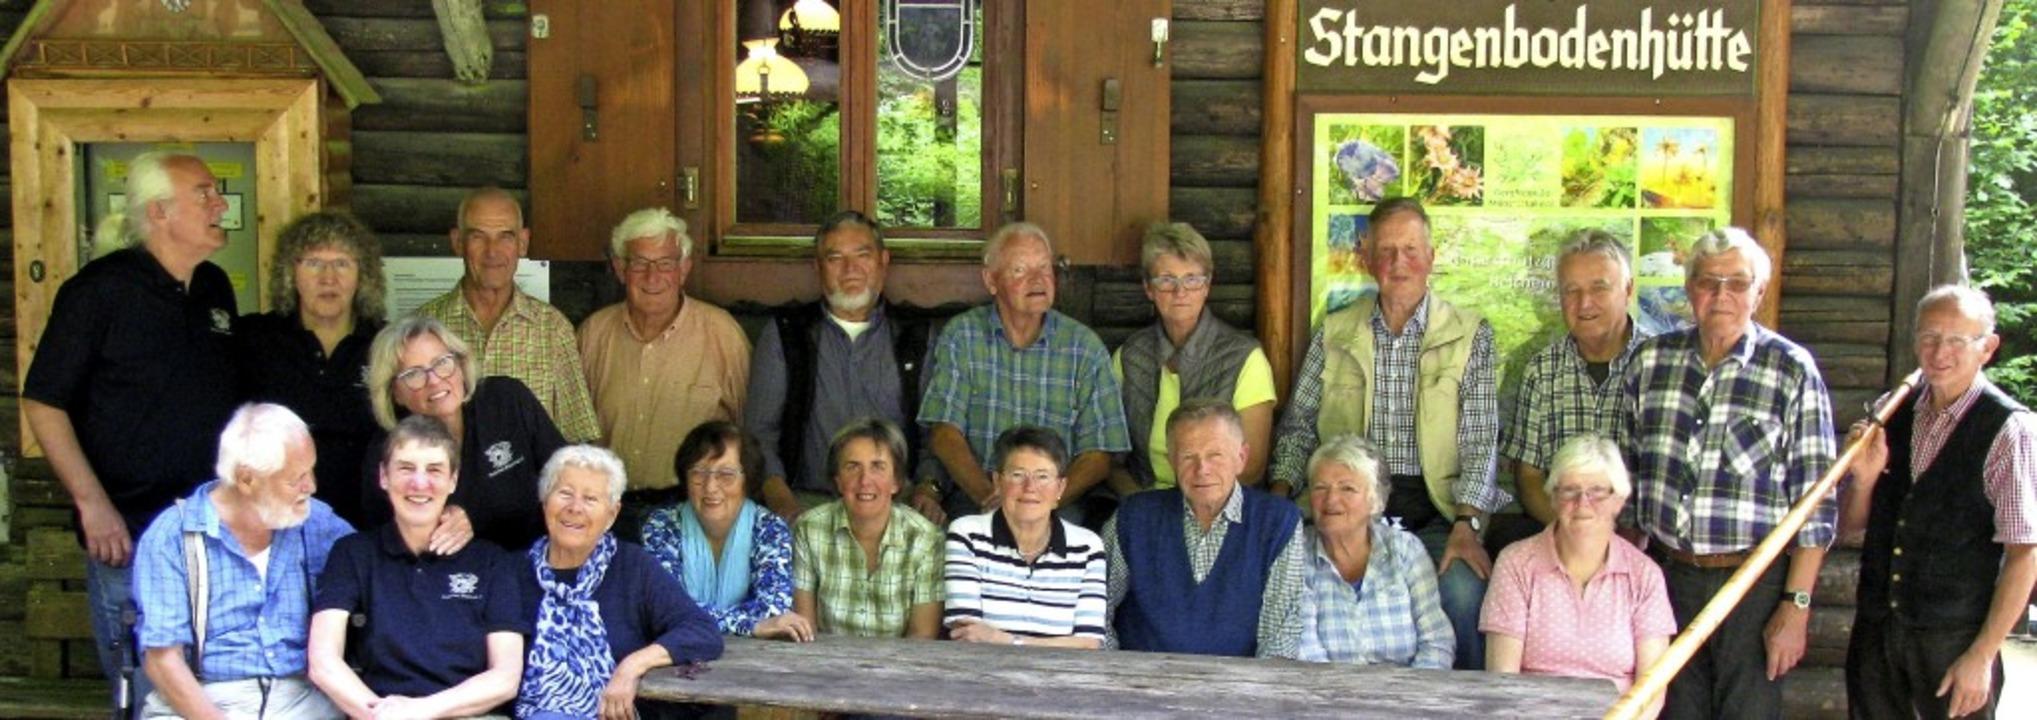 Holzmacher von einst trafen sich auf d...odenhütte, die jedermann  mieten kann.  | Foto: Manfred Lange